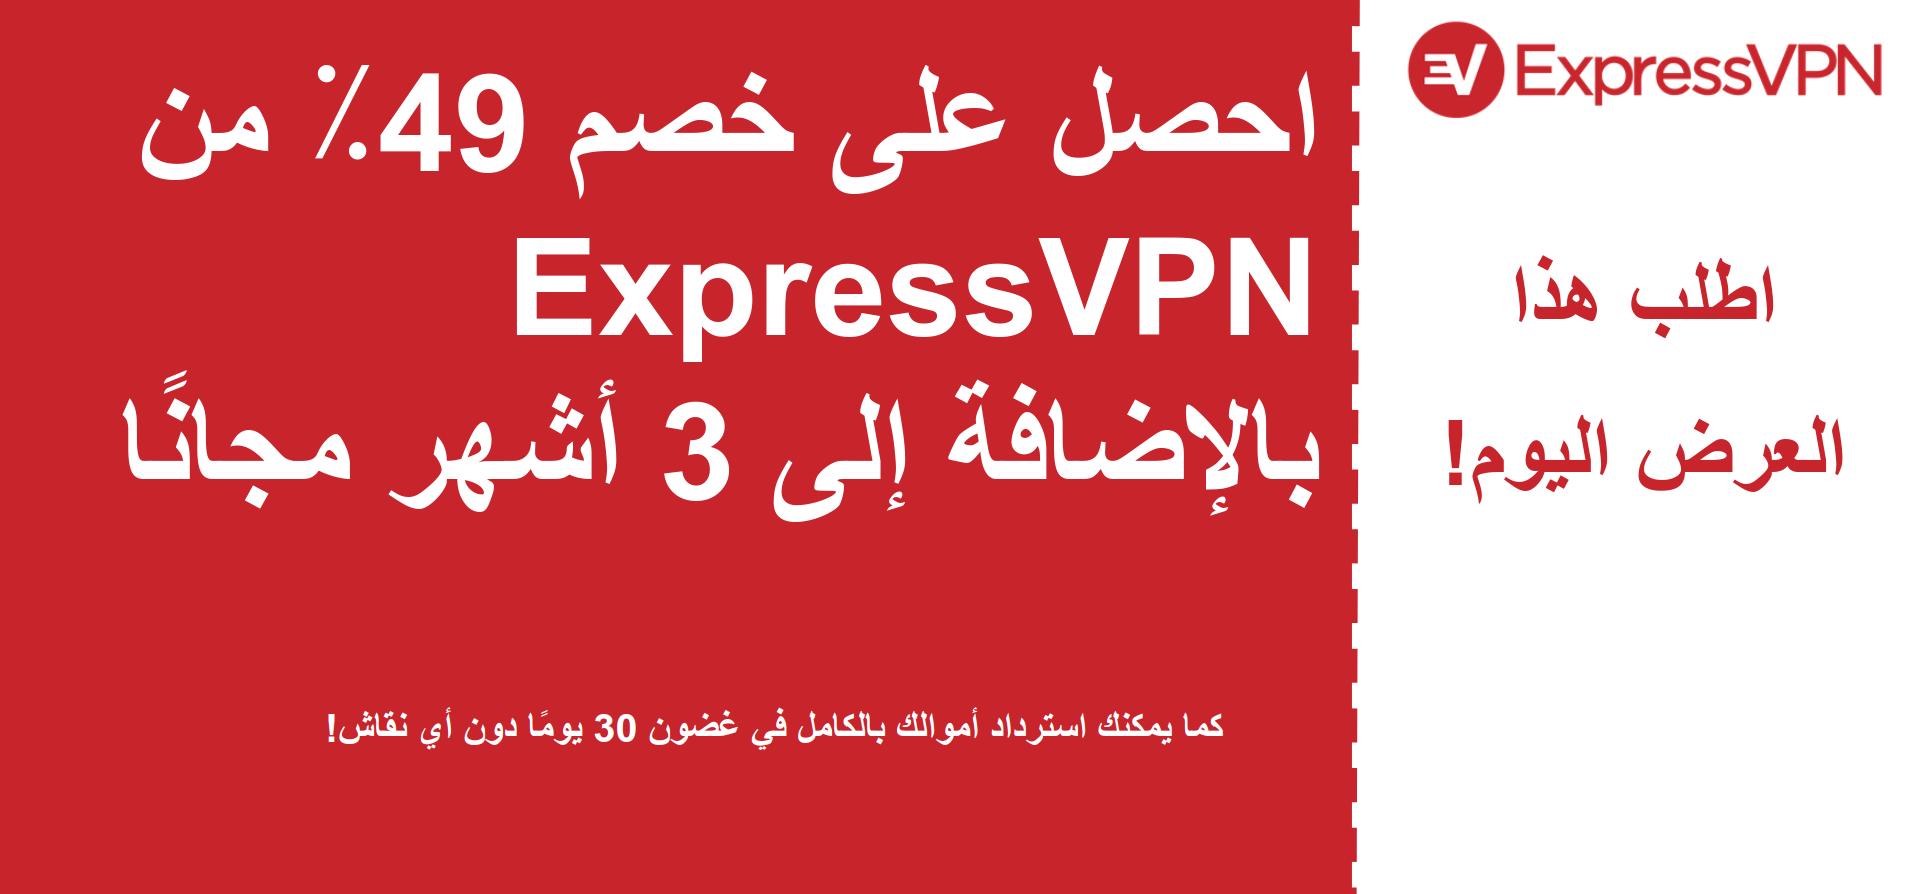 رسم بانر القسيمة الرئيسي لـ ExpressVPN يظهر خصم 49٪